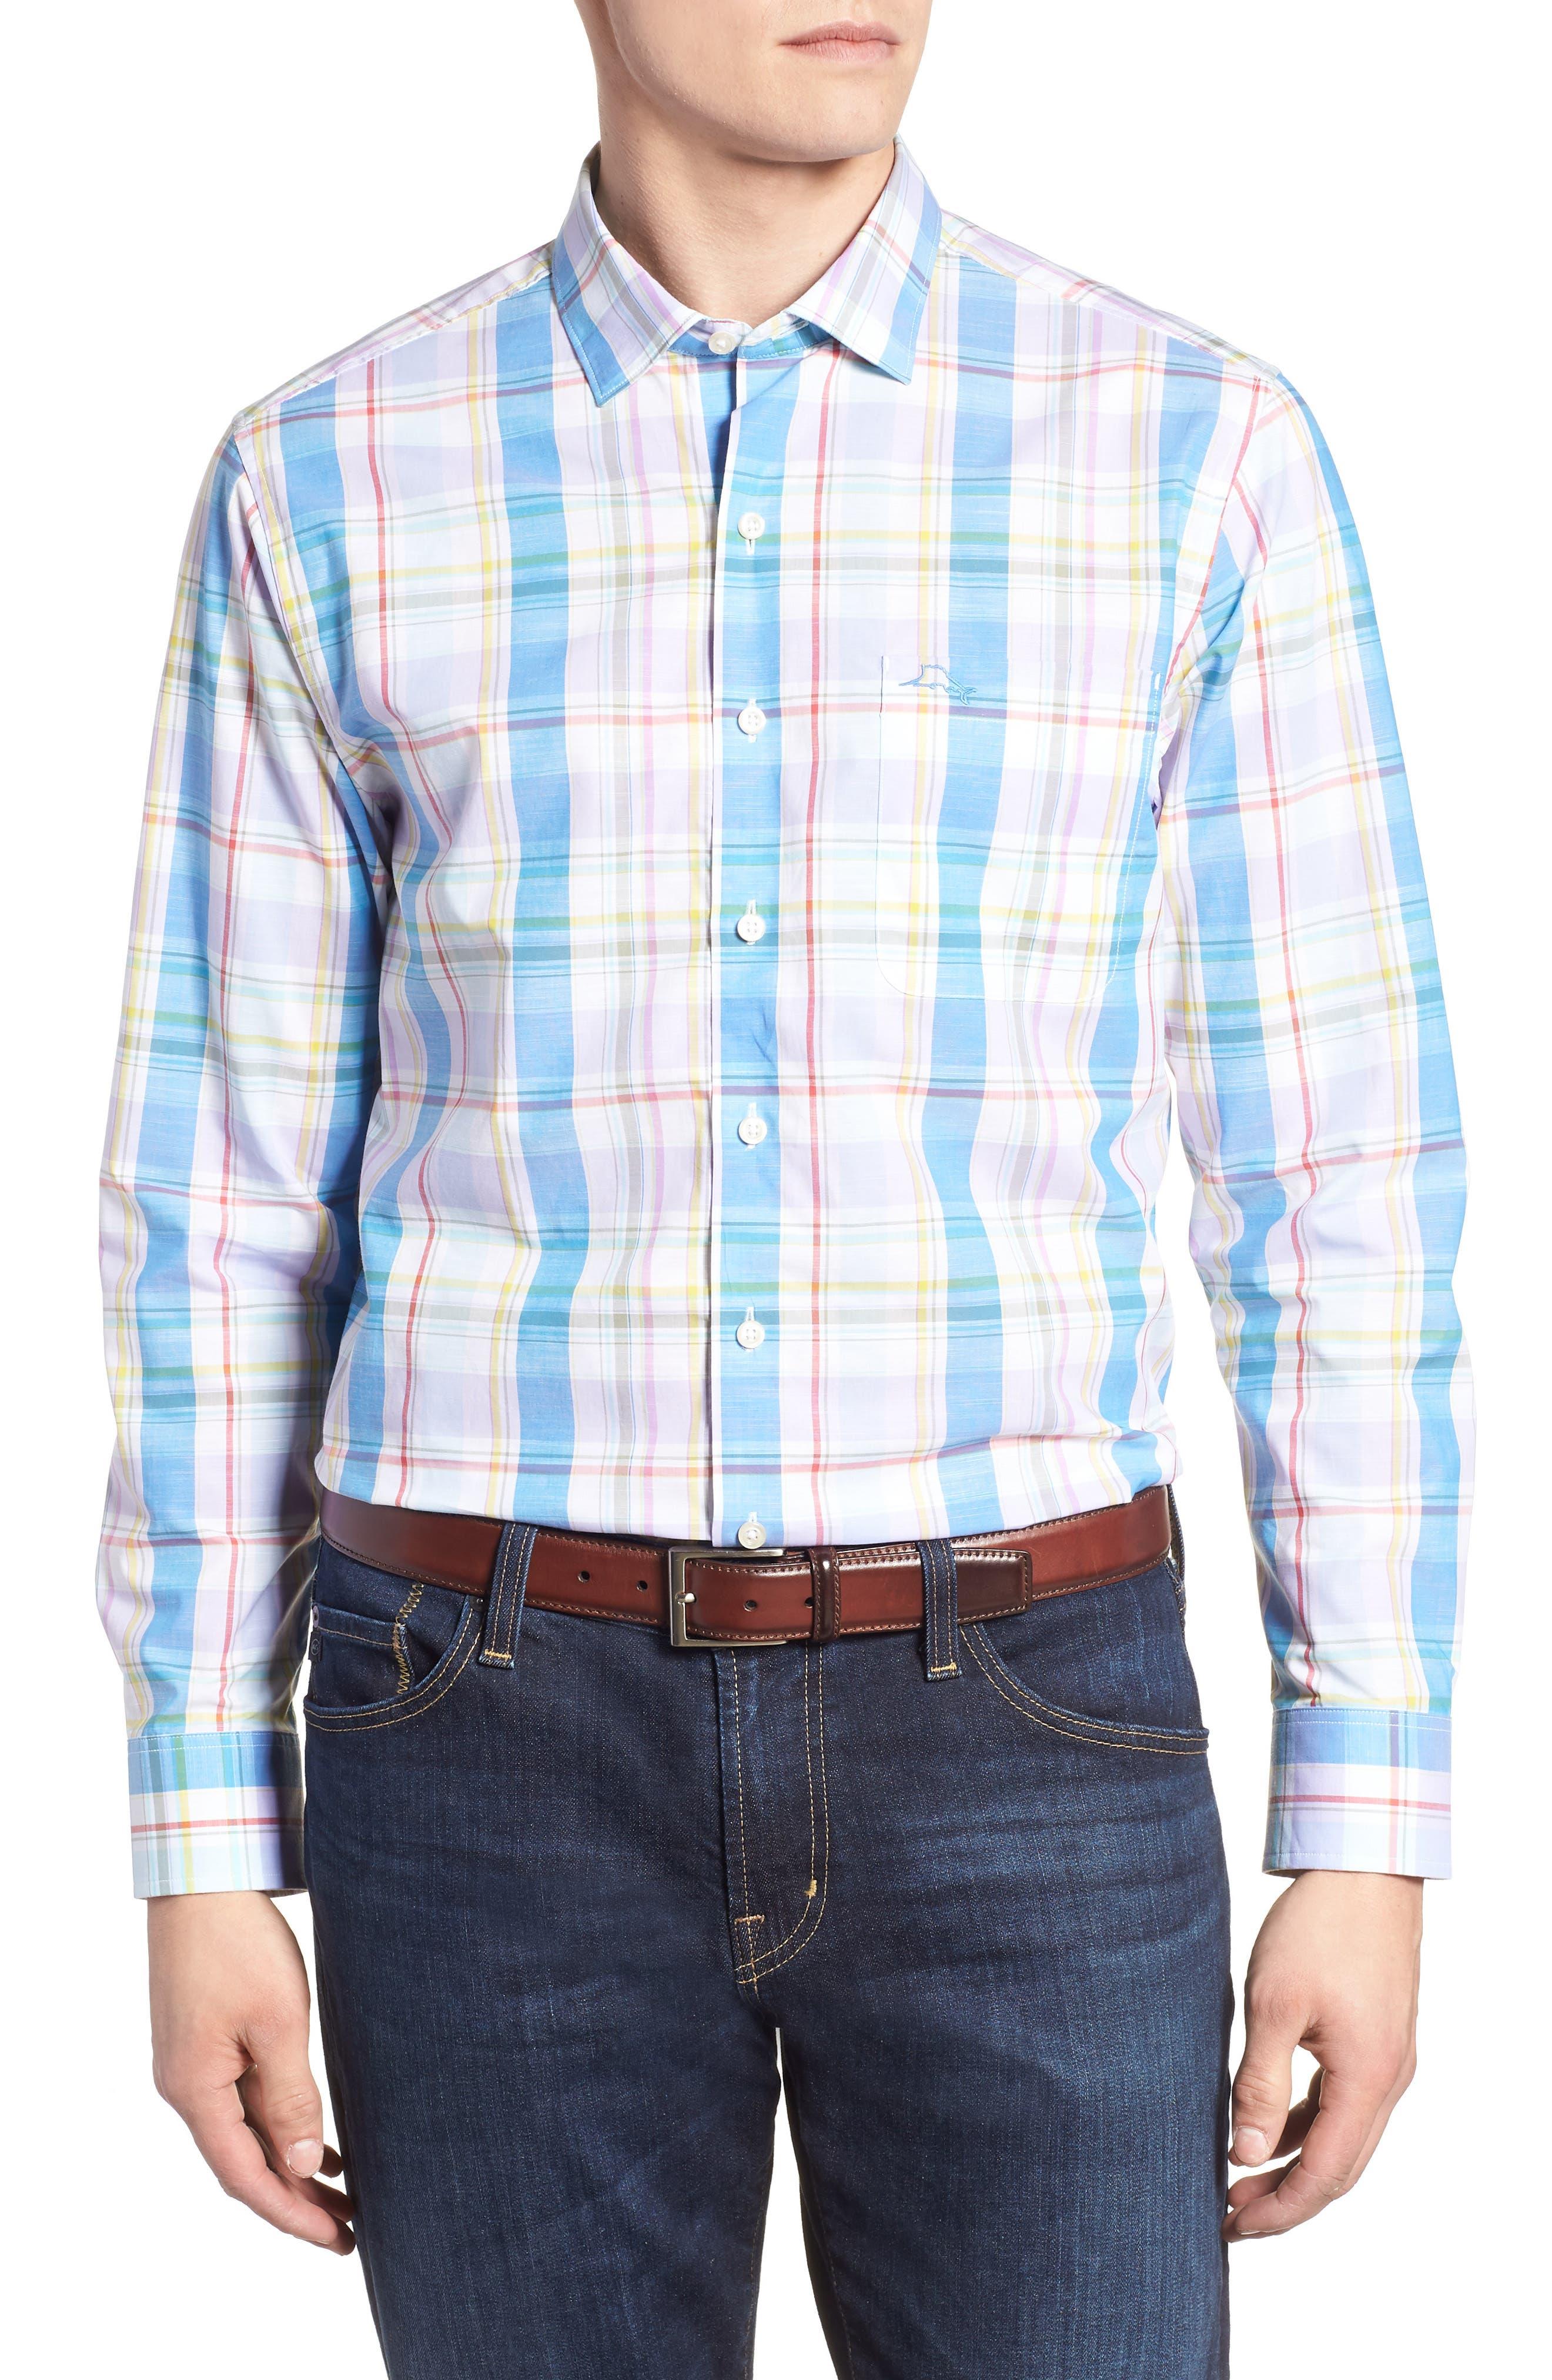 Privada Plaid Sport Shirt,                         Main,                         color, 400